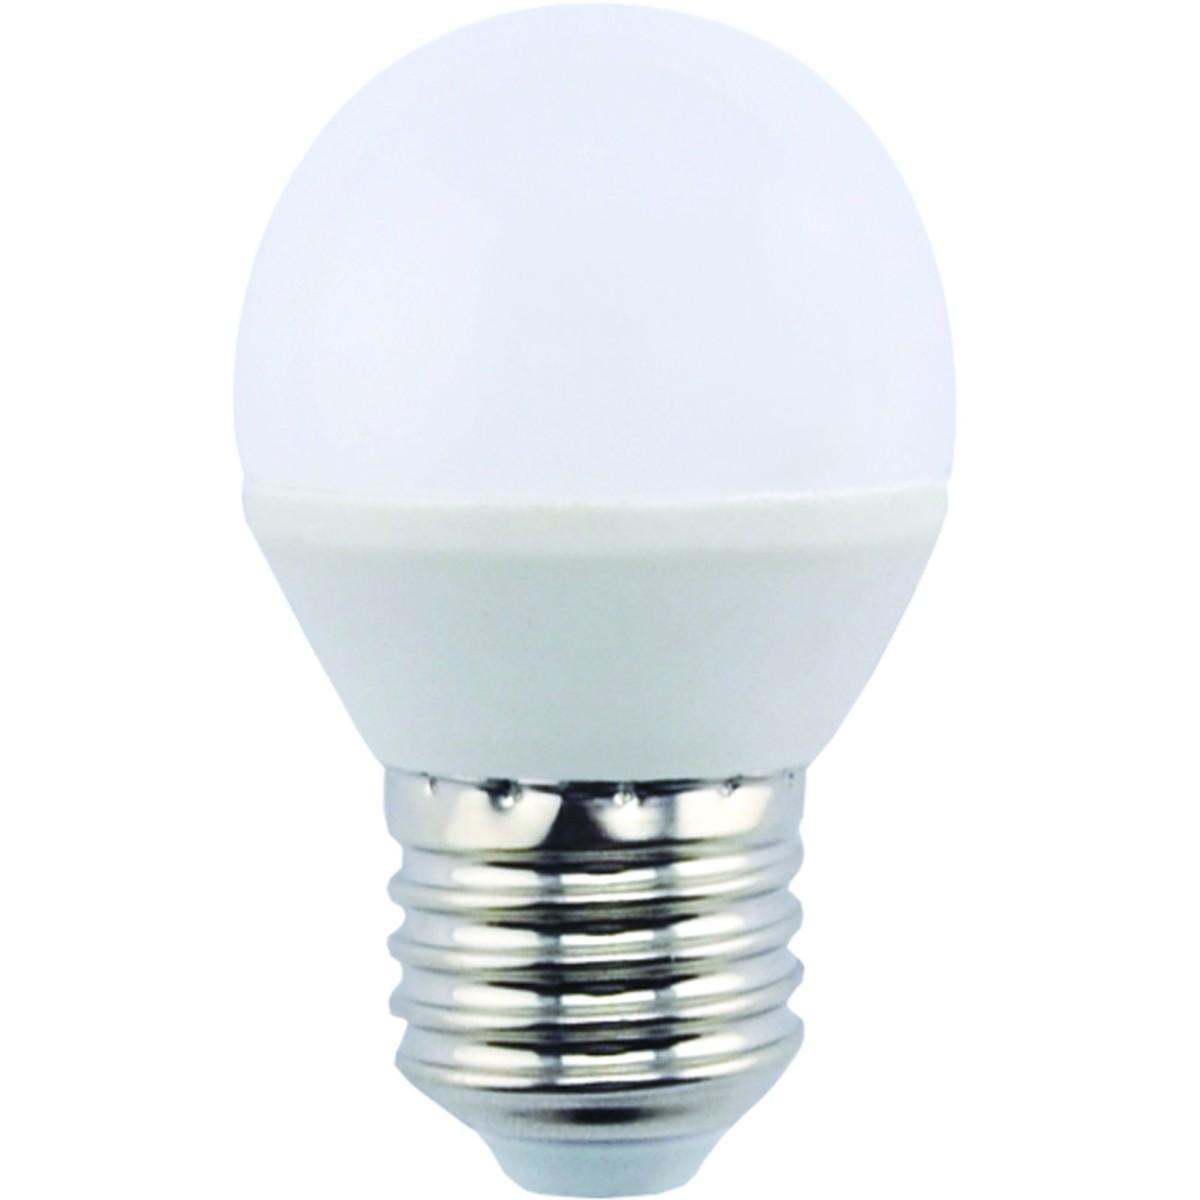 Лампа Ecola light светодионая E27 4 Вт шар 260 Лм теплый свет